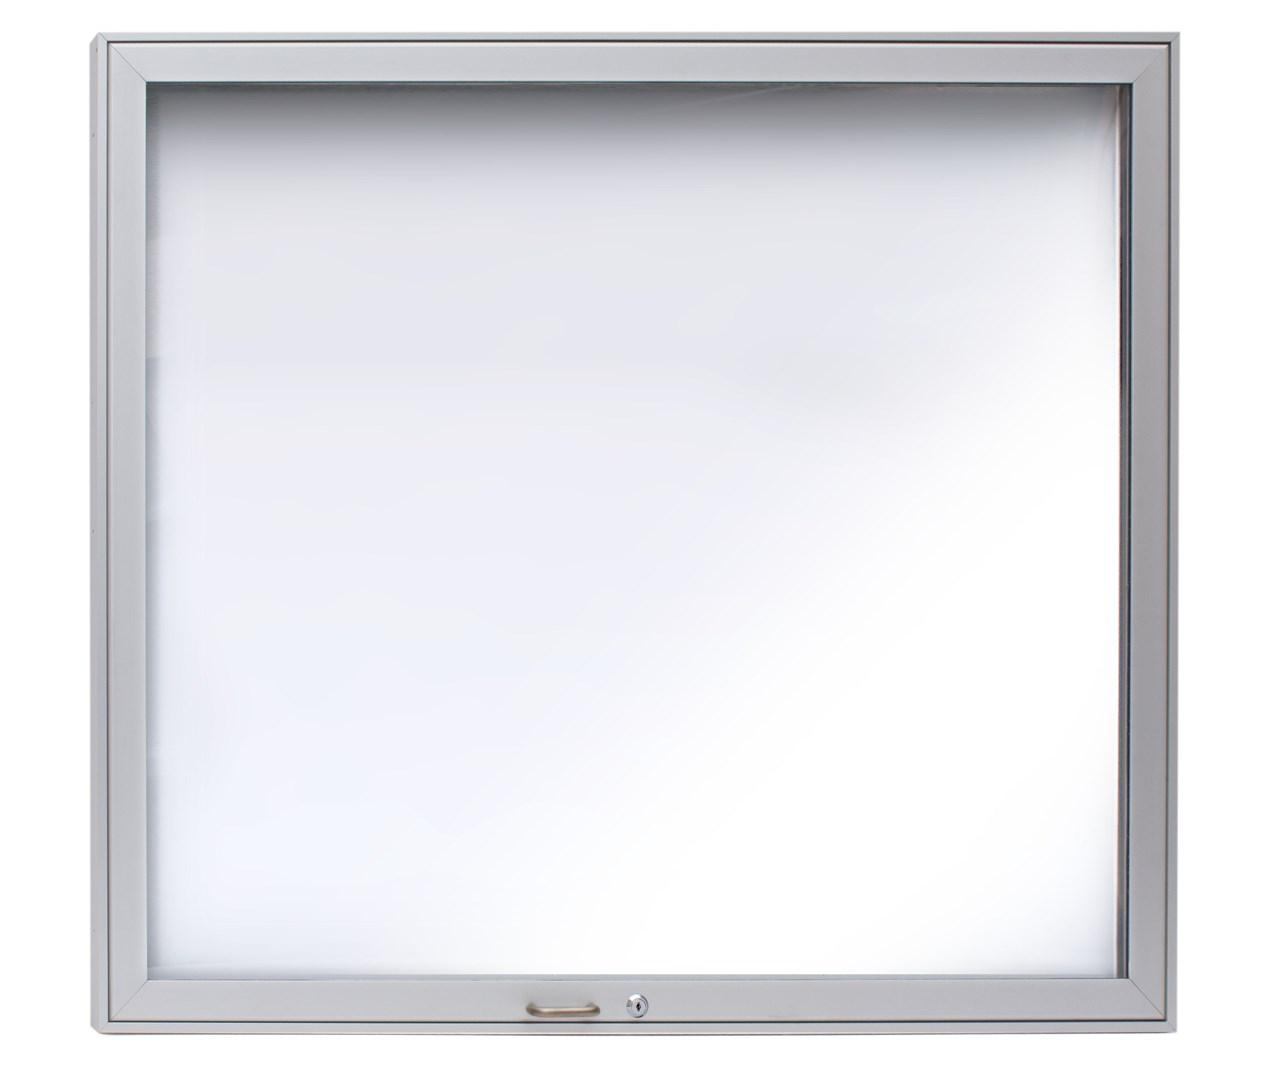 L60-15 zavřená bez loga (4567).jpg